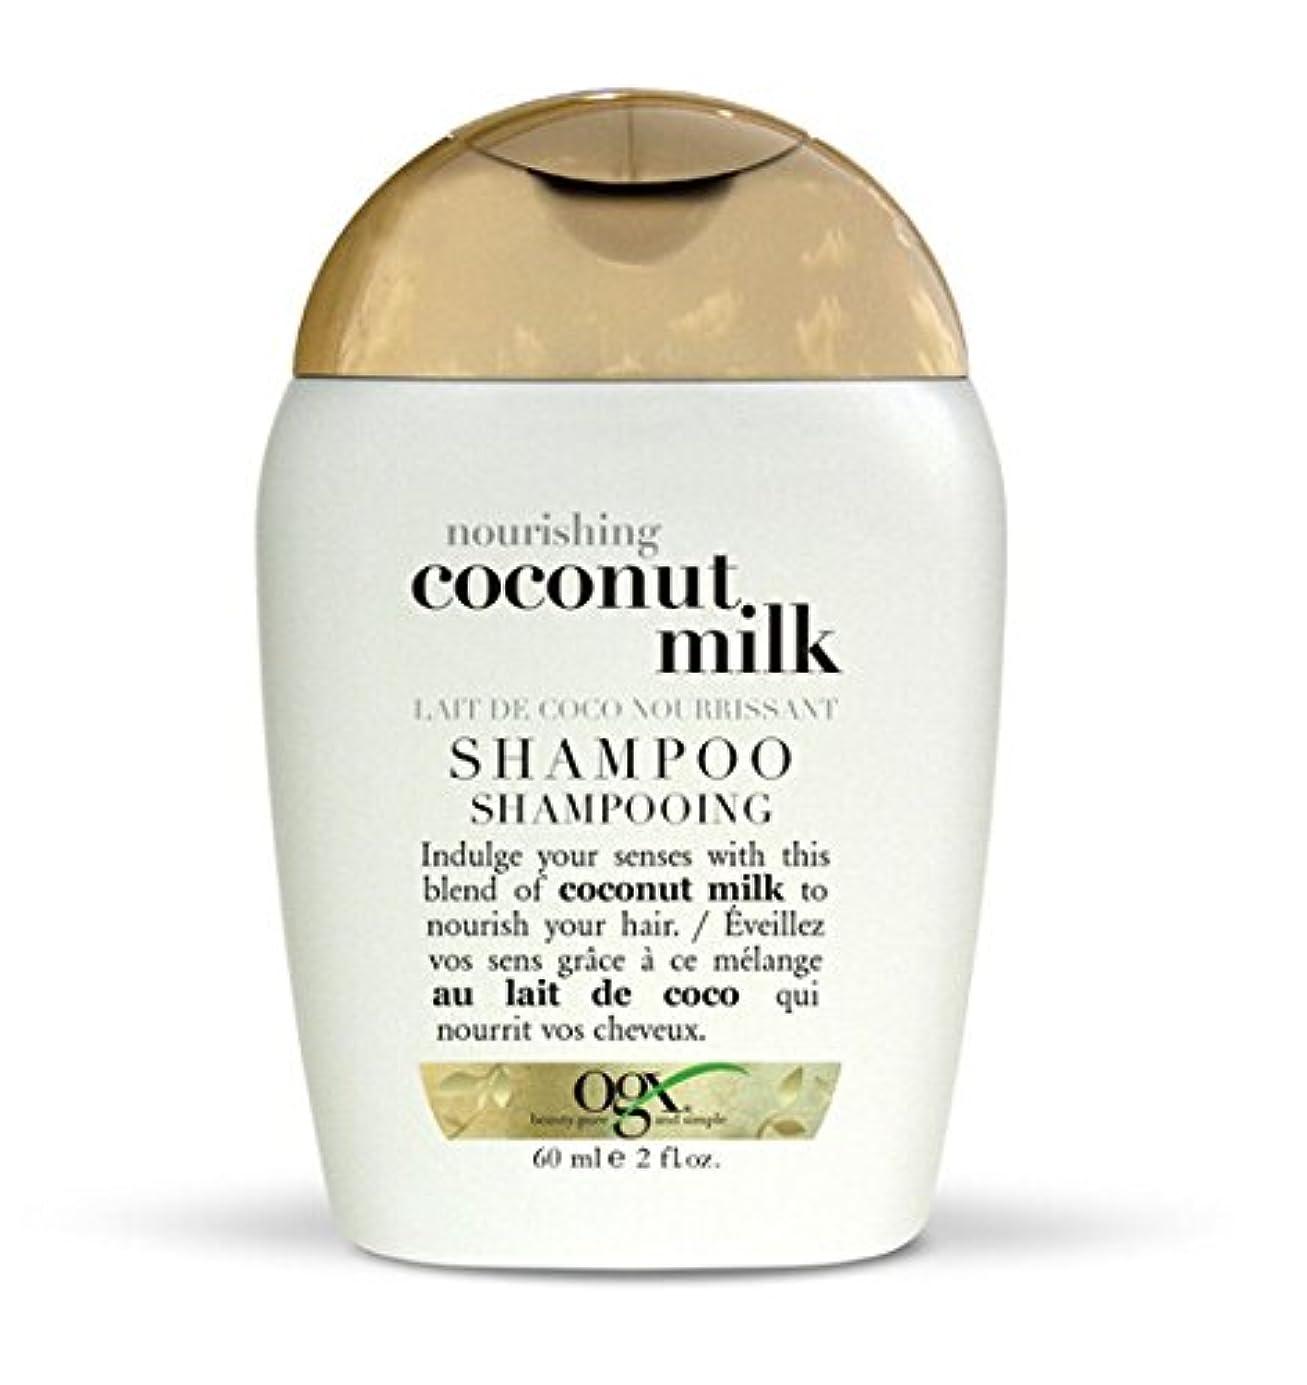 主以降出撃者Vogue ヴォーグ オーガニクス 髪いきいきココナッツミルク 自然派ヘアケア シャンプー 60ml coconut milk shampoo [並行輸入品]